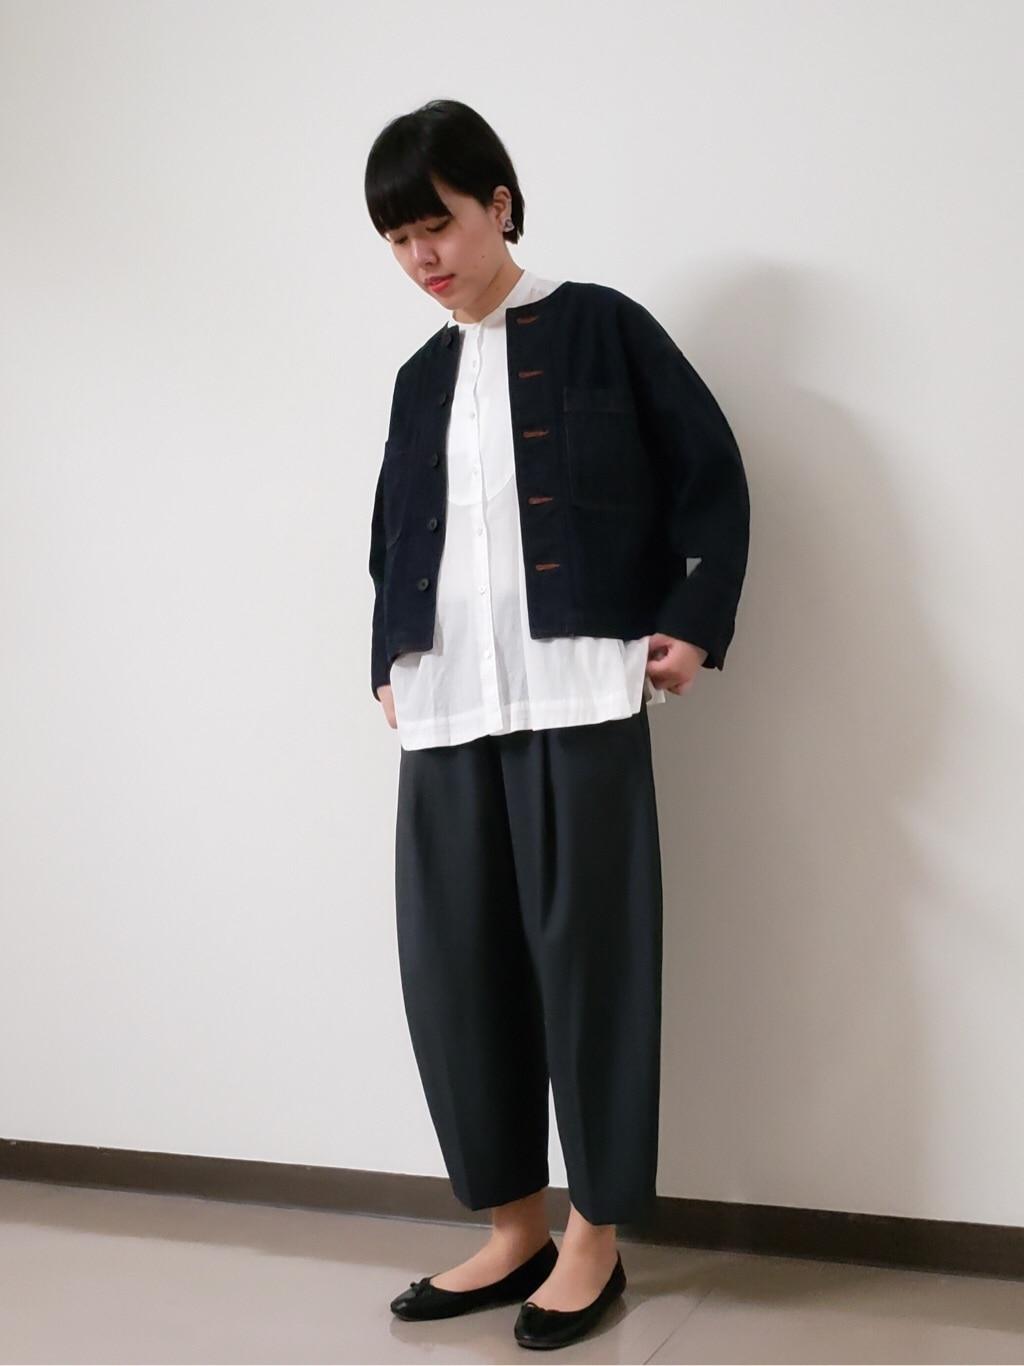 bulle de savon アトレ川崎 身長:168cm 2019.07.16